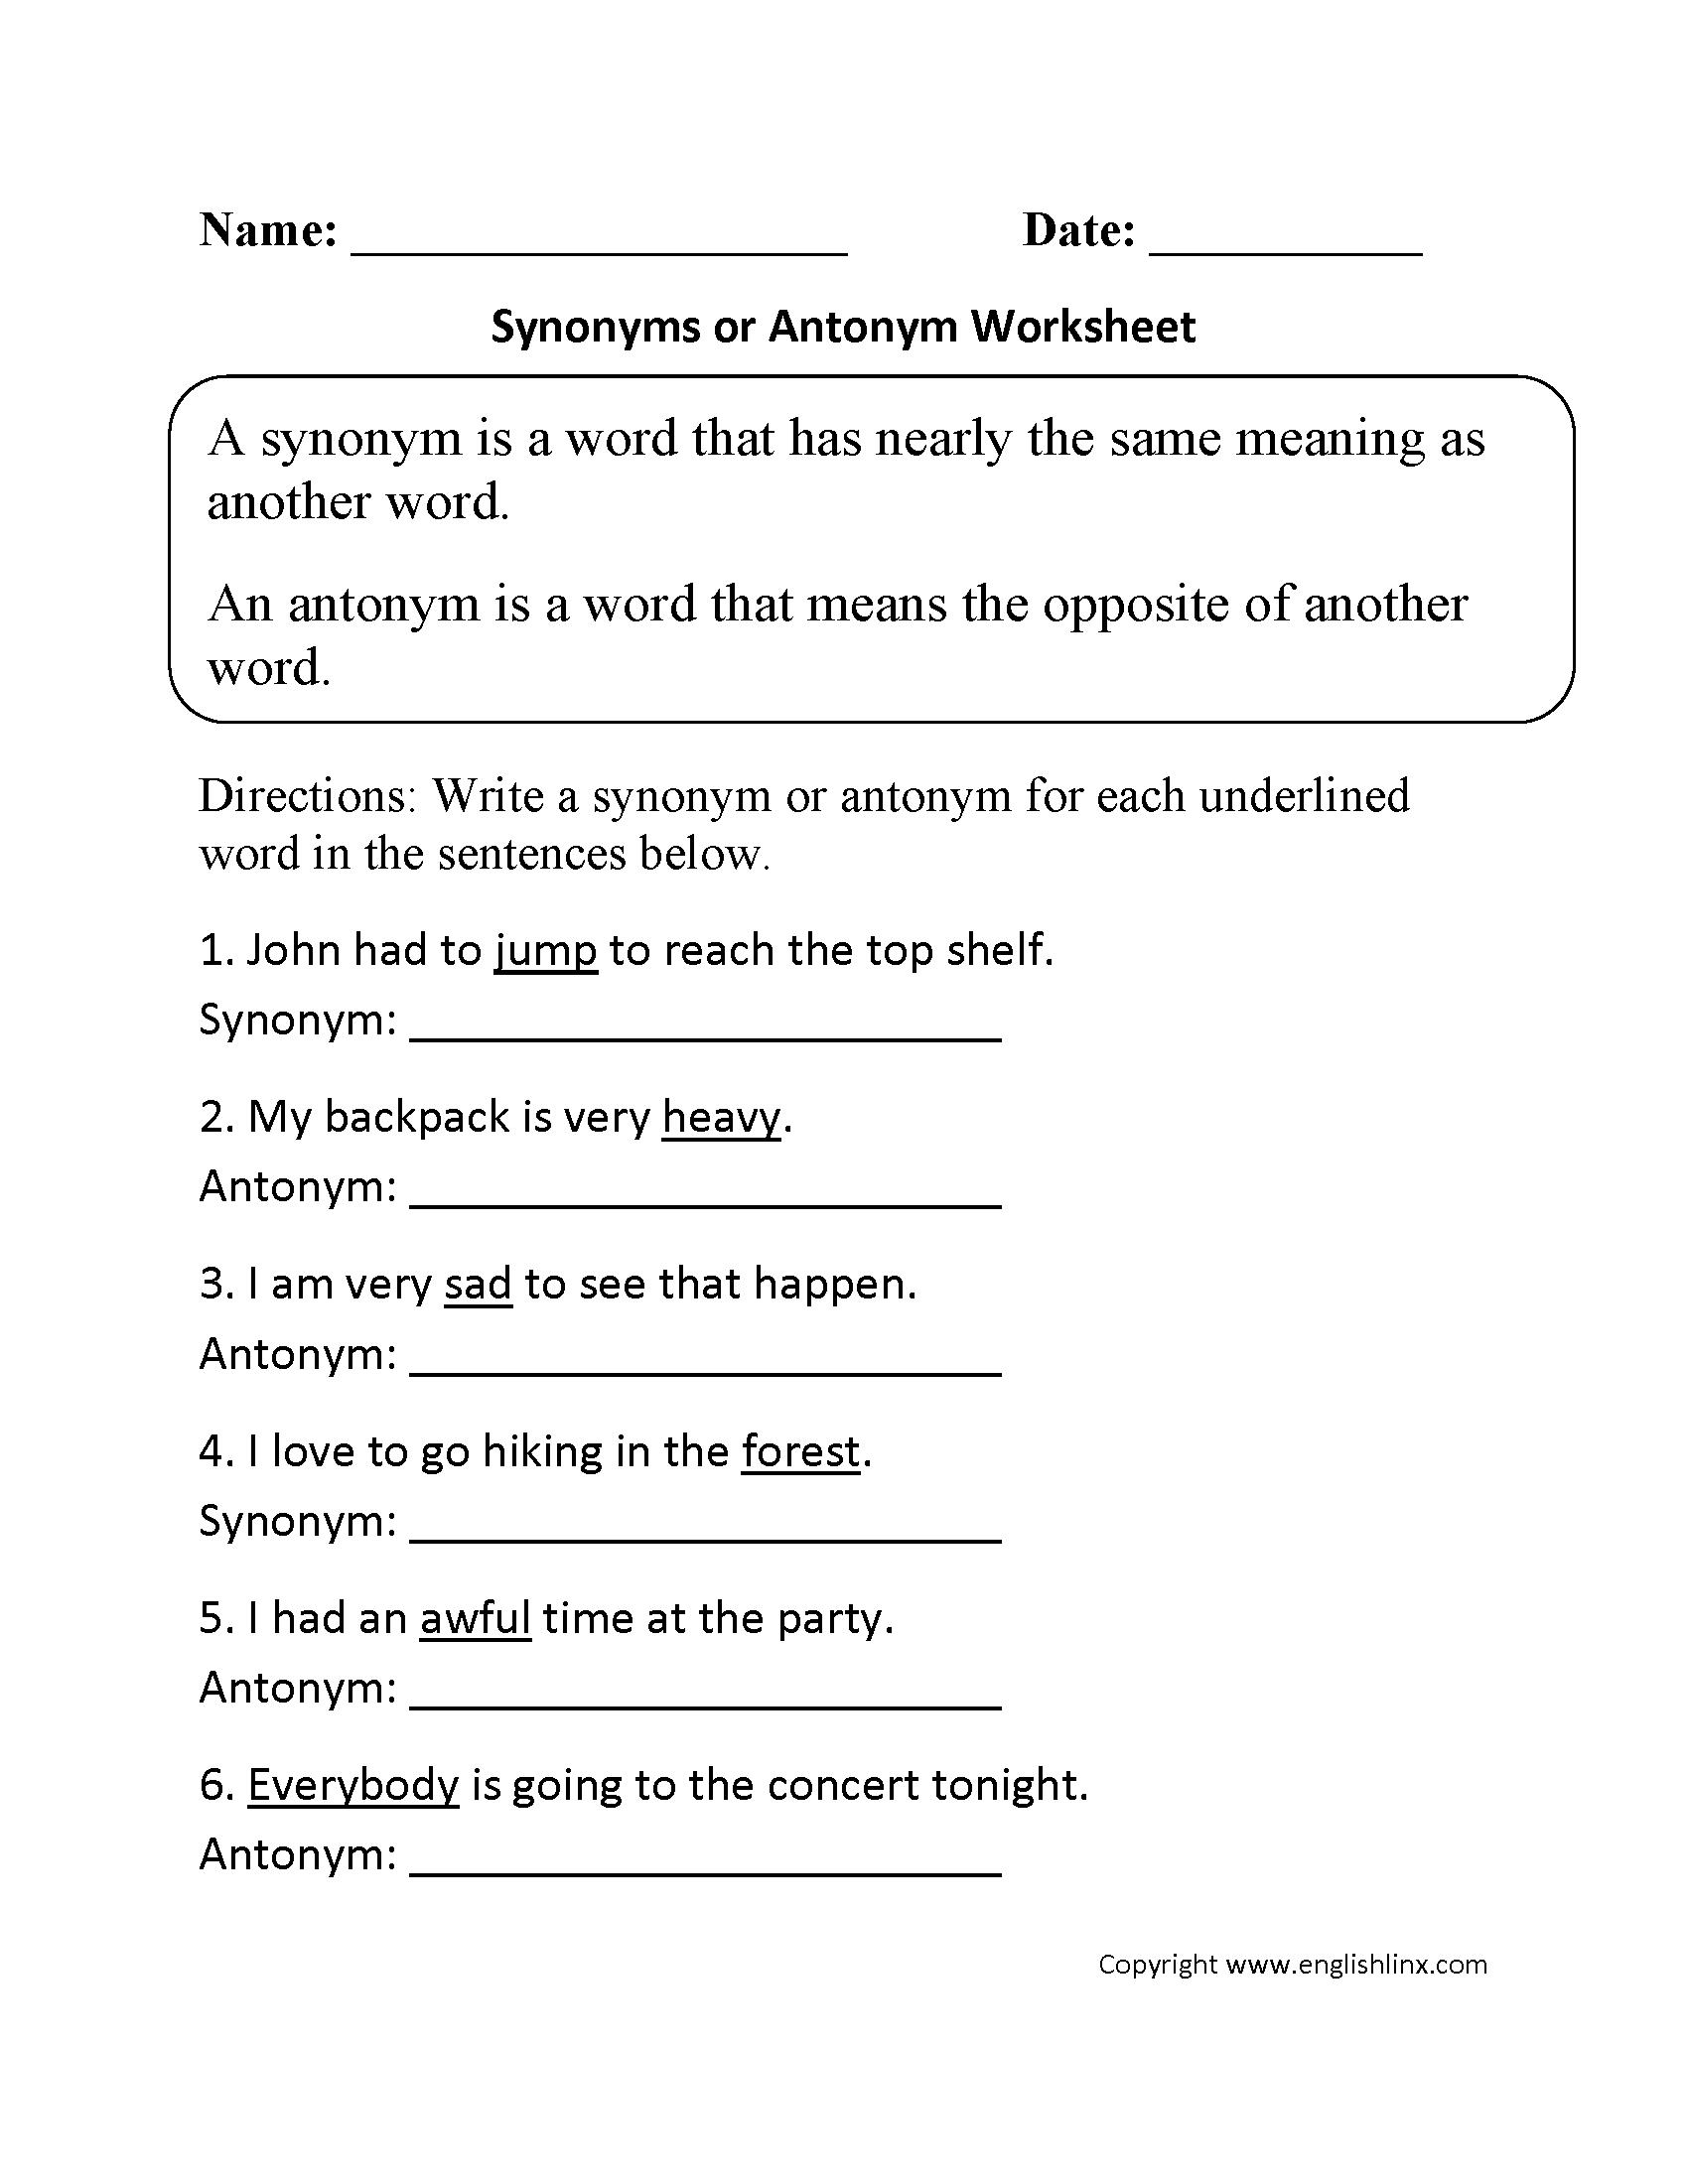 Vocabulary Worksheets | Synonym And Antonym Worksheets | Free Printable Worksheets Synonyms Antonyms And Homonyms